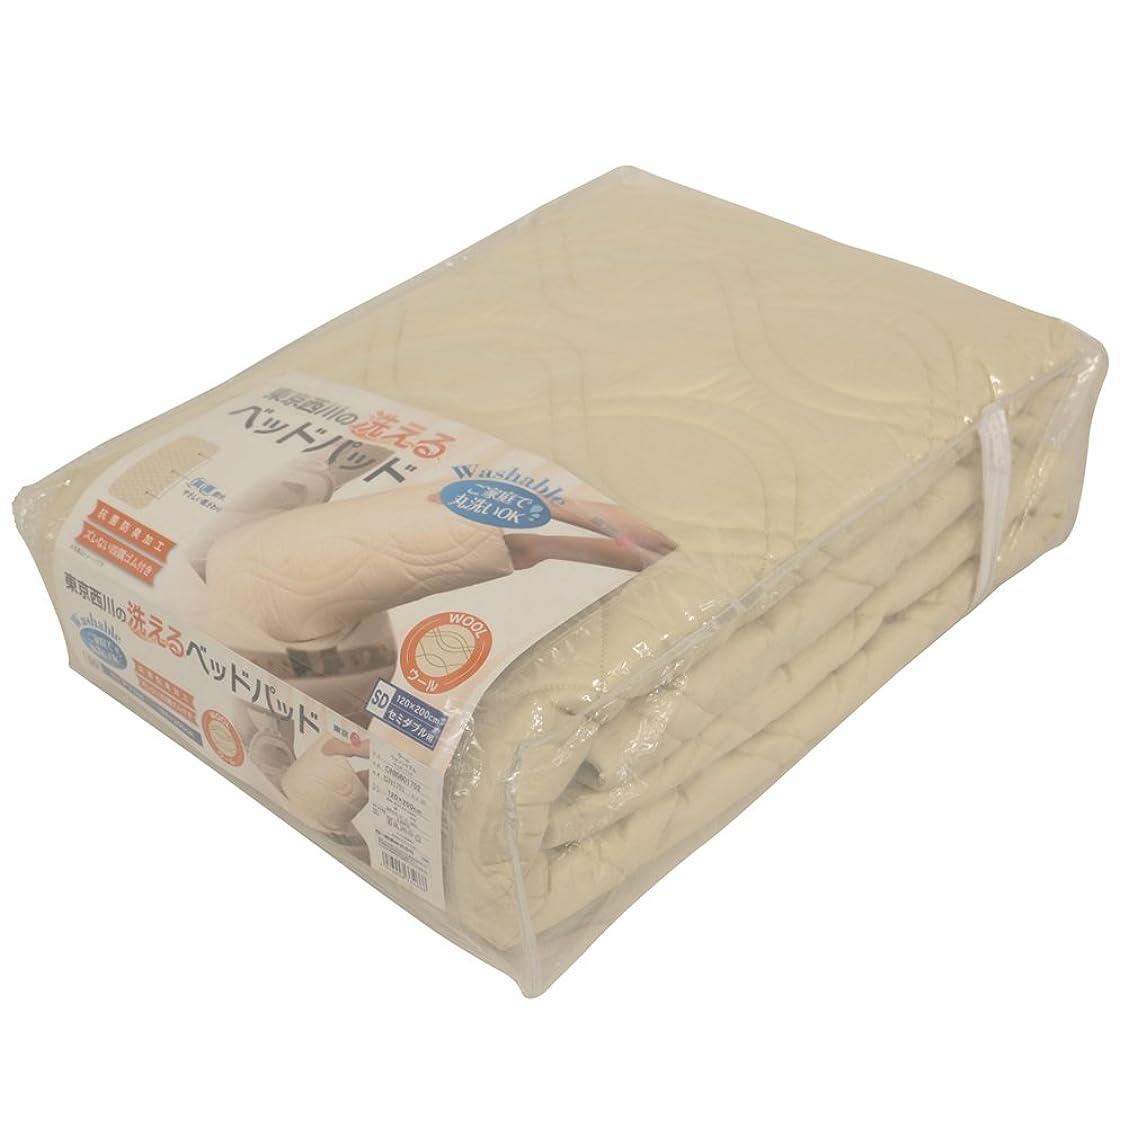 バレーボール年金メルボルン東京西川 ベッドパッド ベージュ シングル 洗える ウール100% 抗菌防臭 四隅ゴム付き 寝心地アップ CNI0601751BE